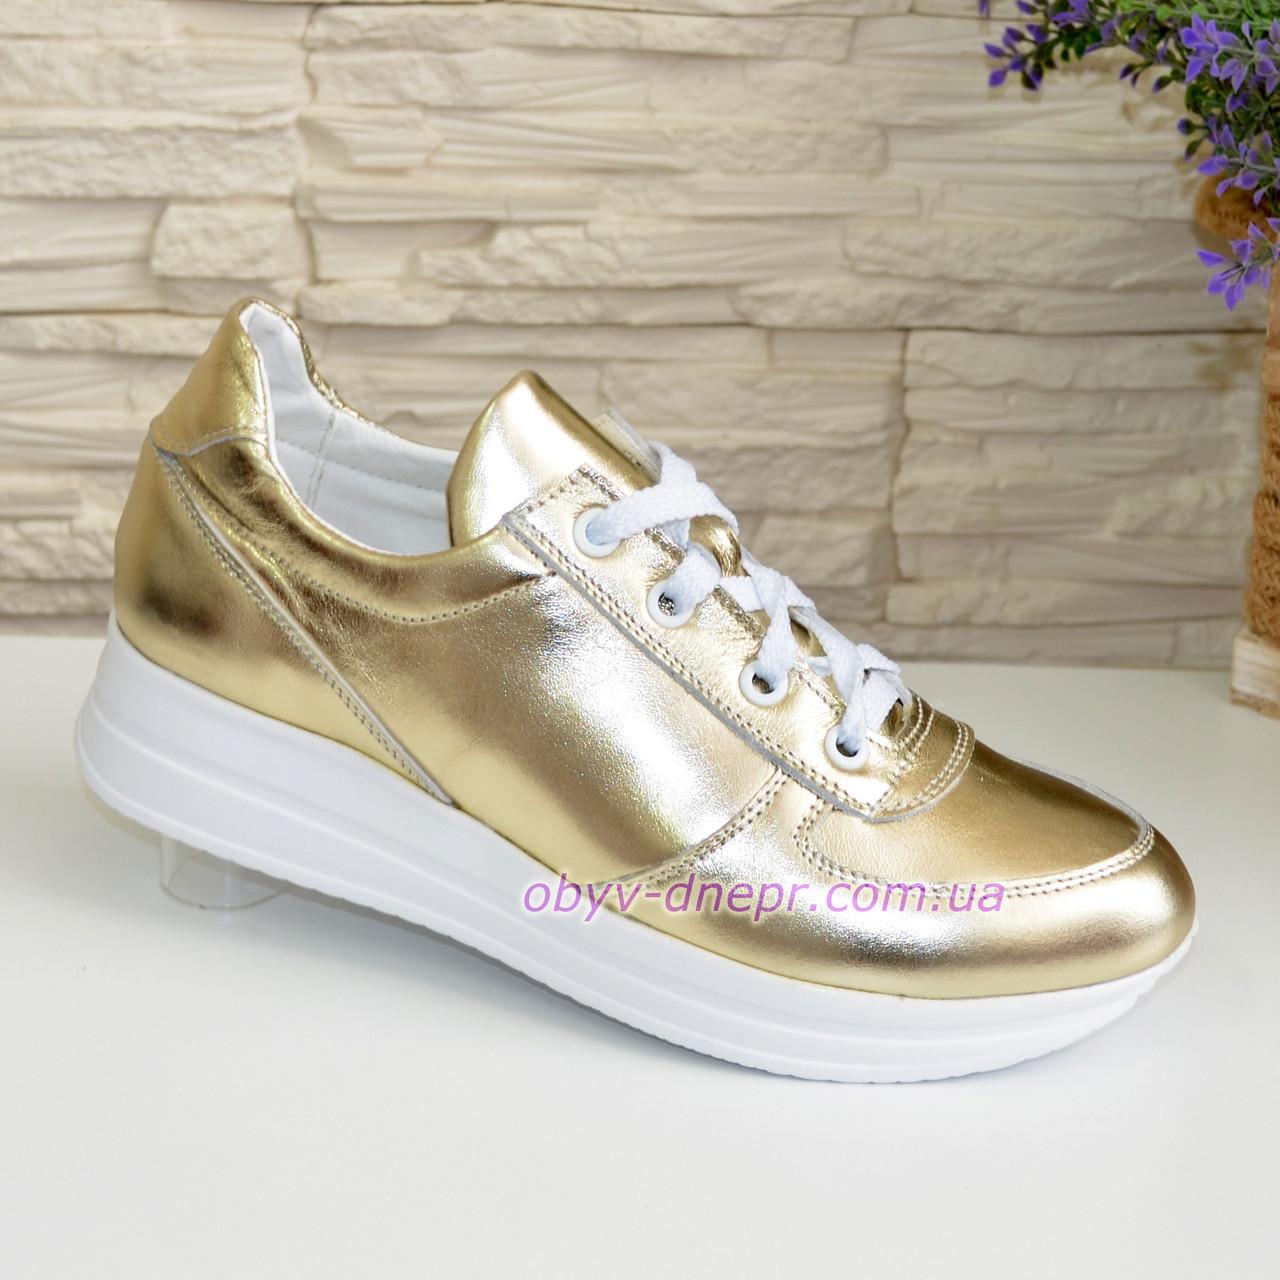 Туфли женские кожаные на утолщенной белой подошве, цвет золото